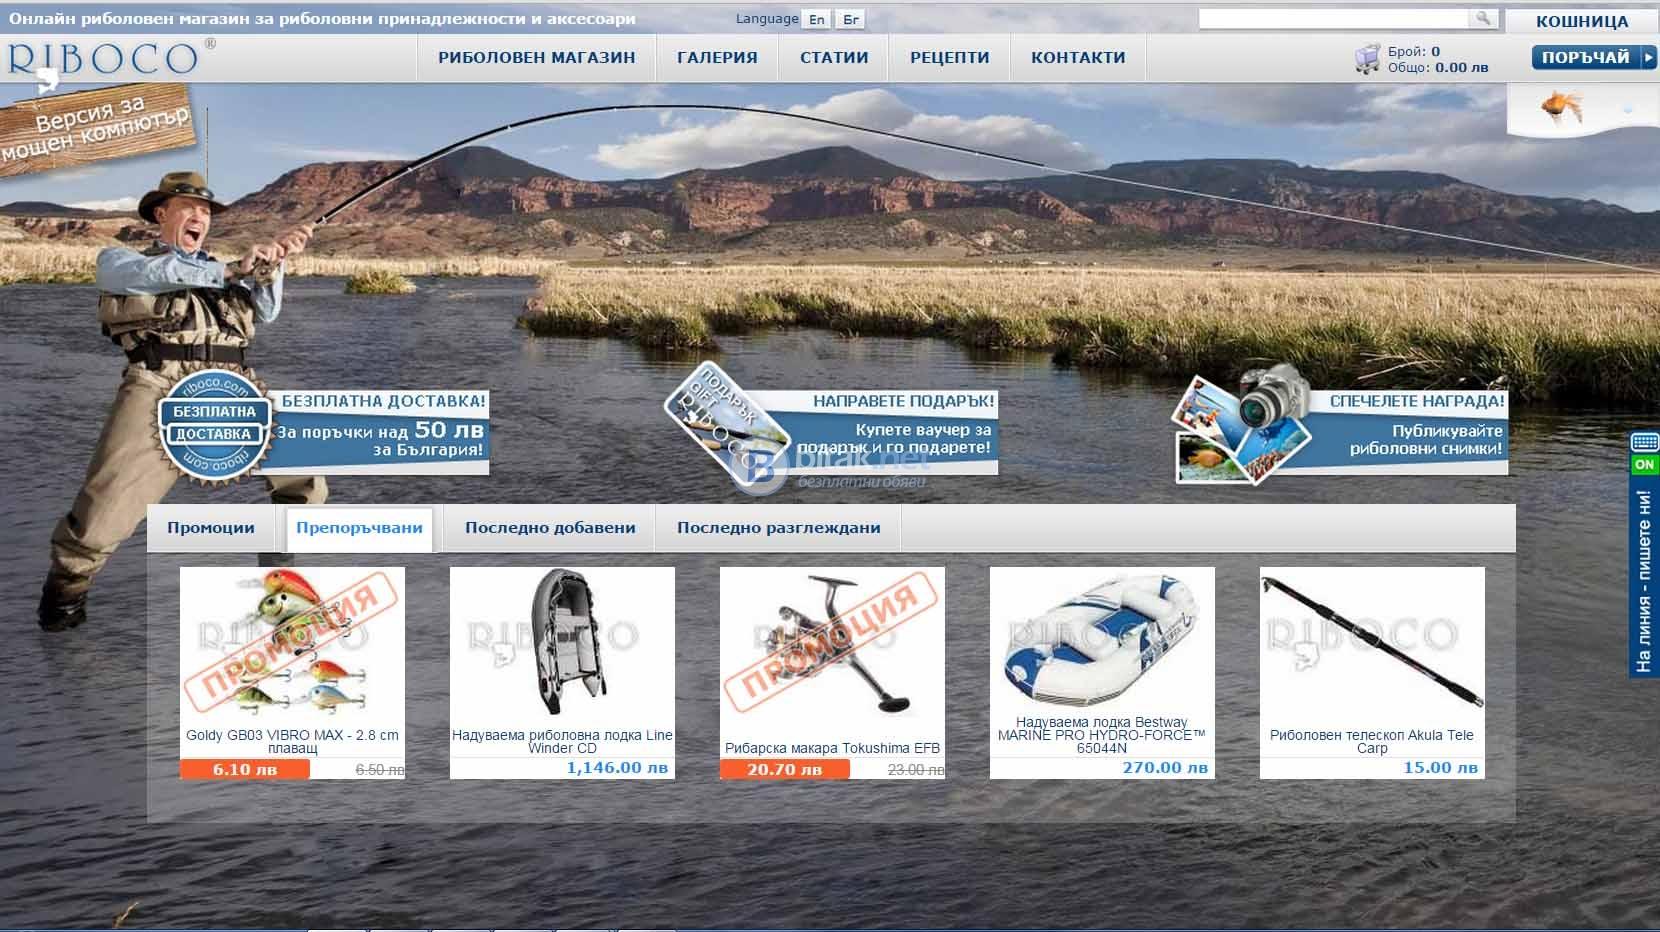 Риболовни принадлежности онлайн от риболовен магазин riboco